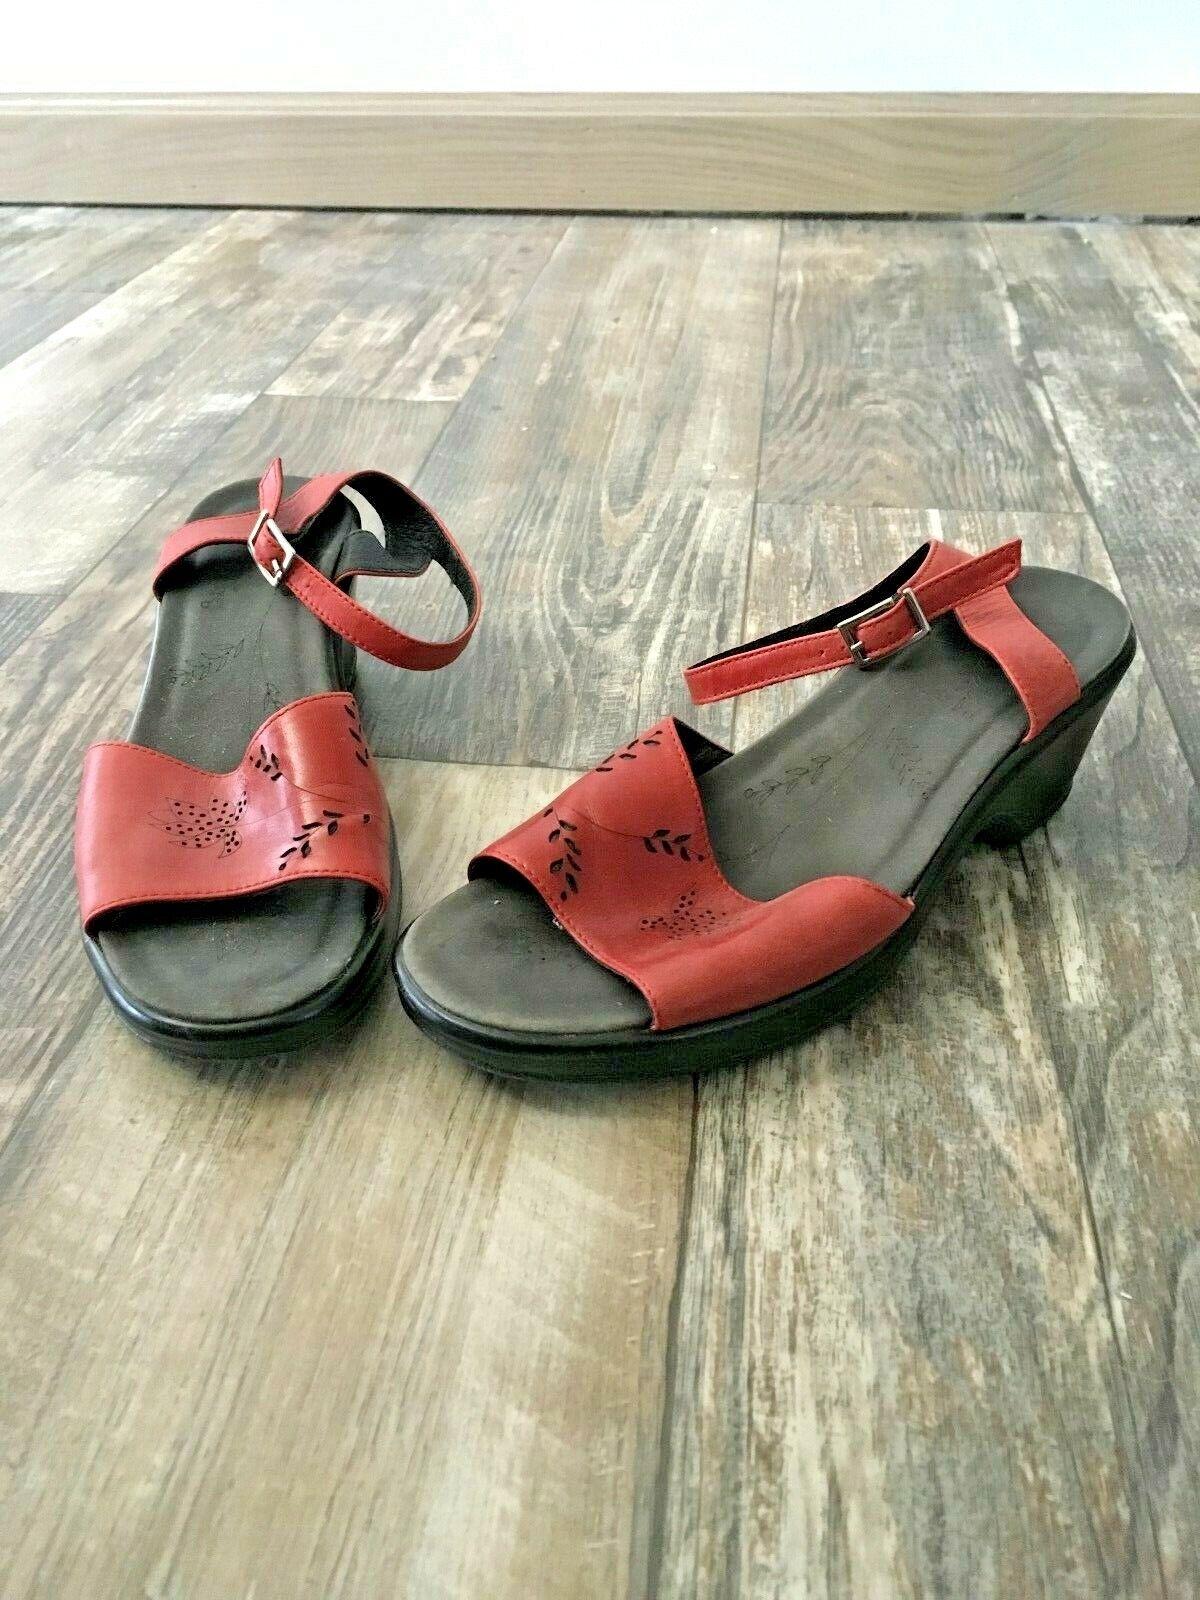 Dansko Red Leather Sandal - 38 - image 2